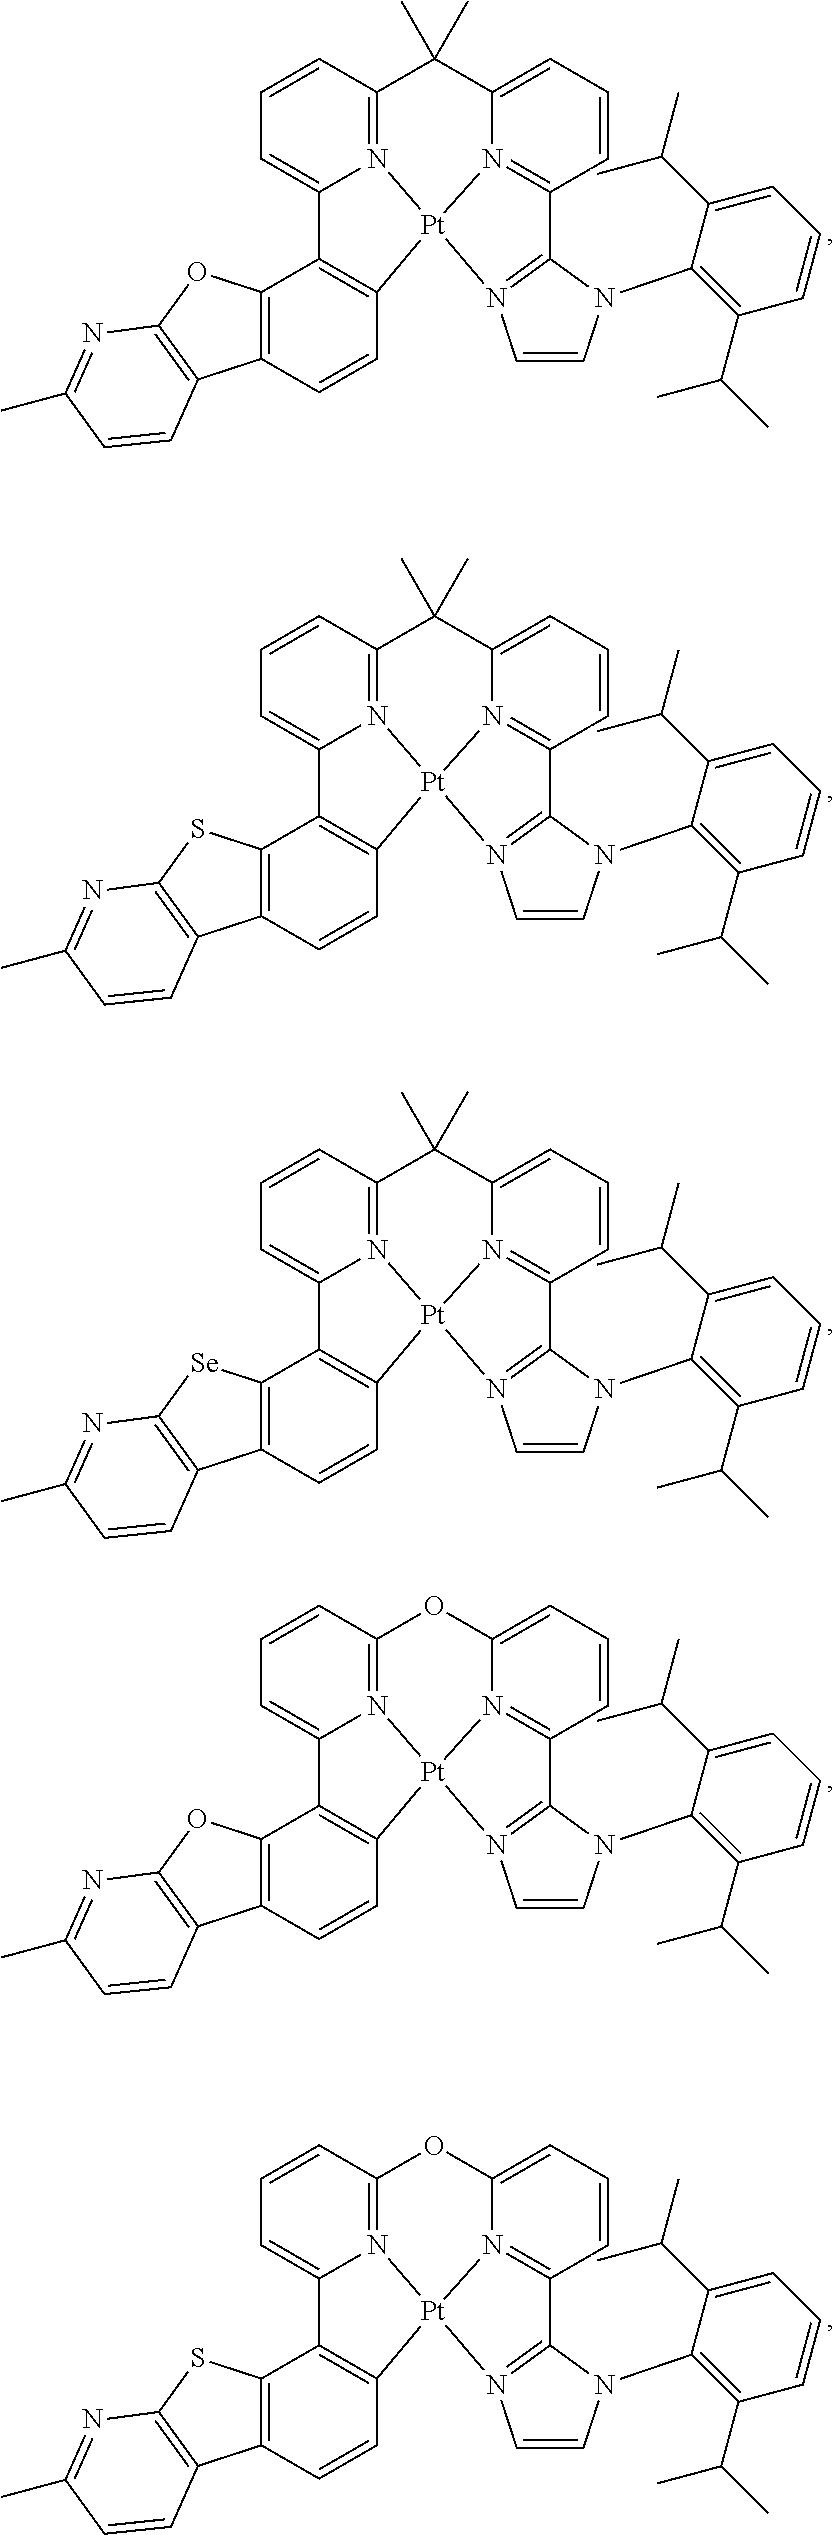 Figure US09871214-20180116-C00278